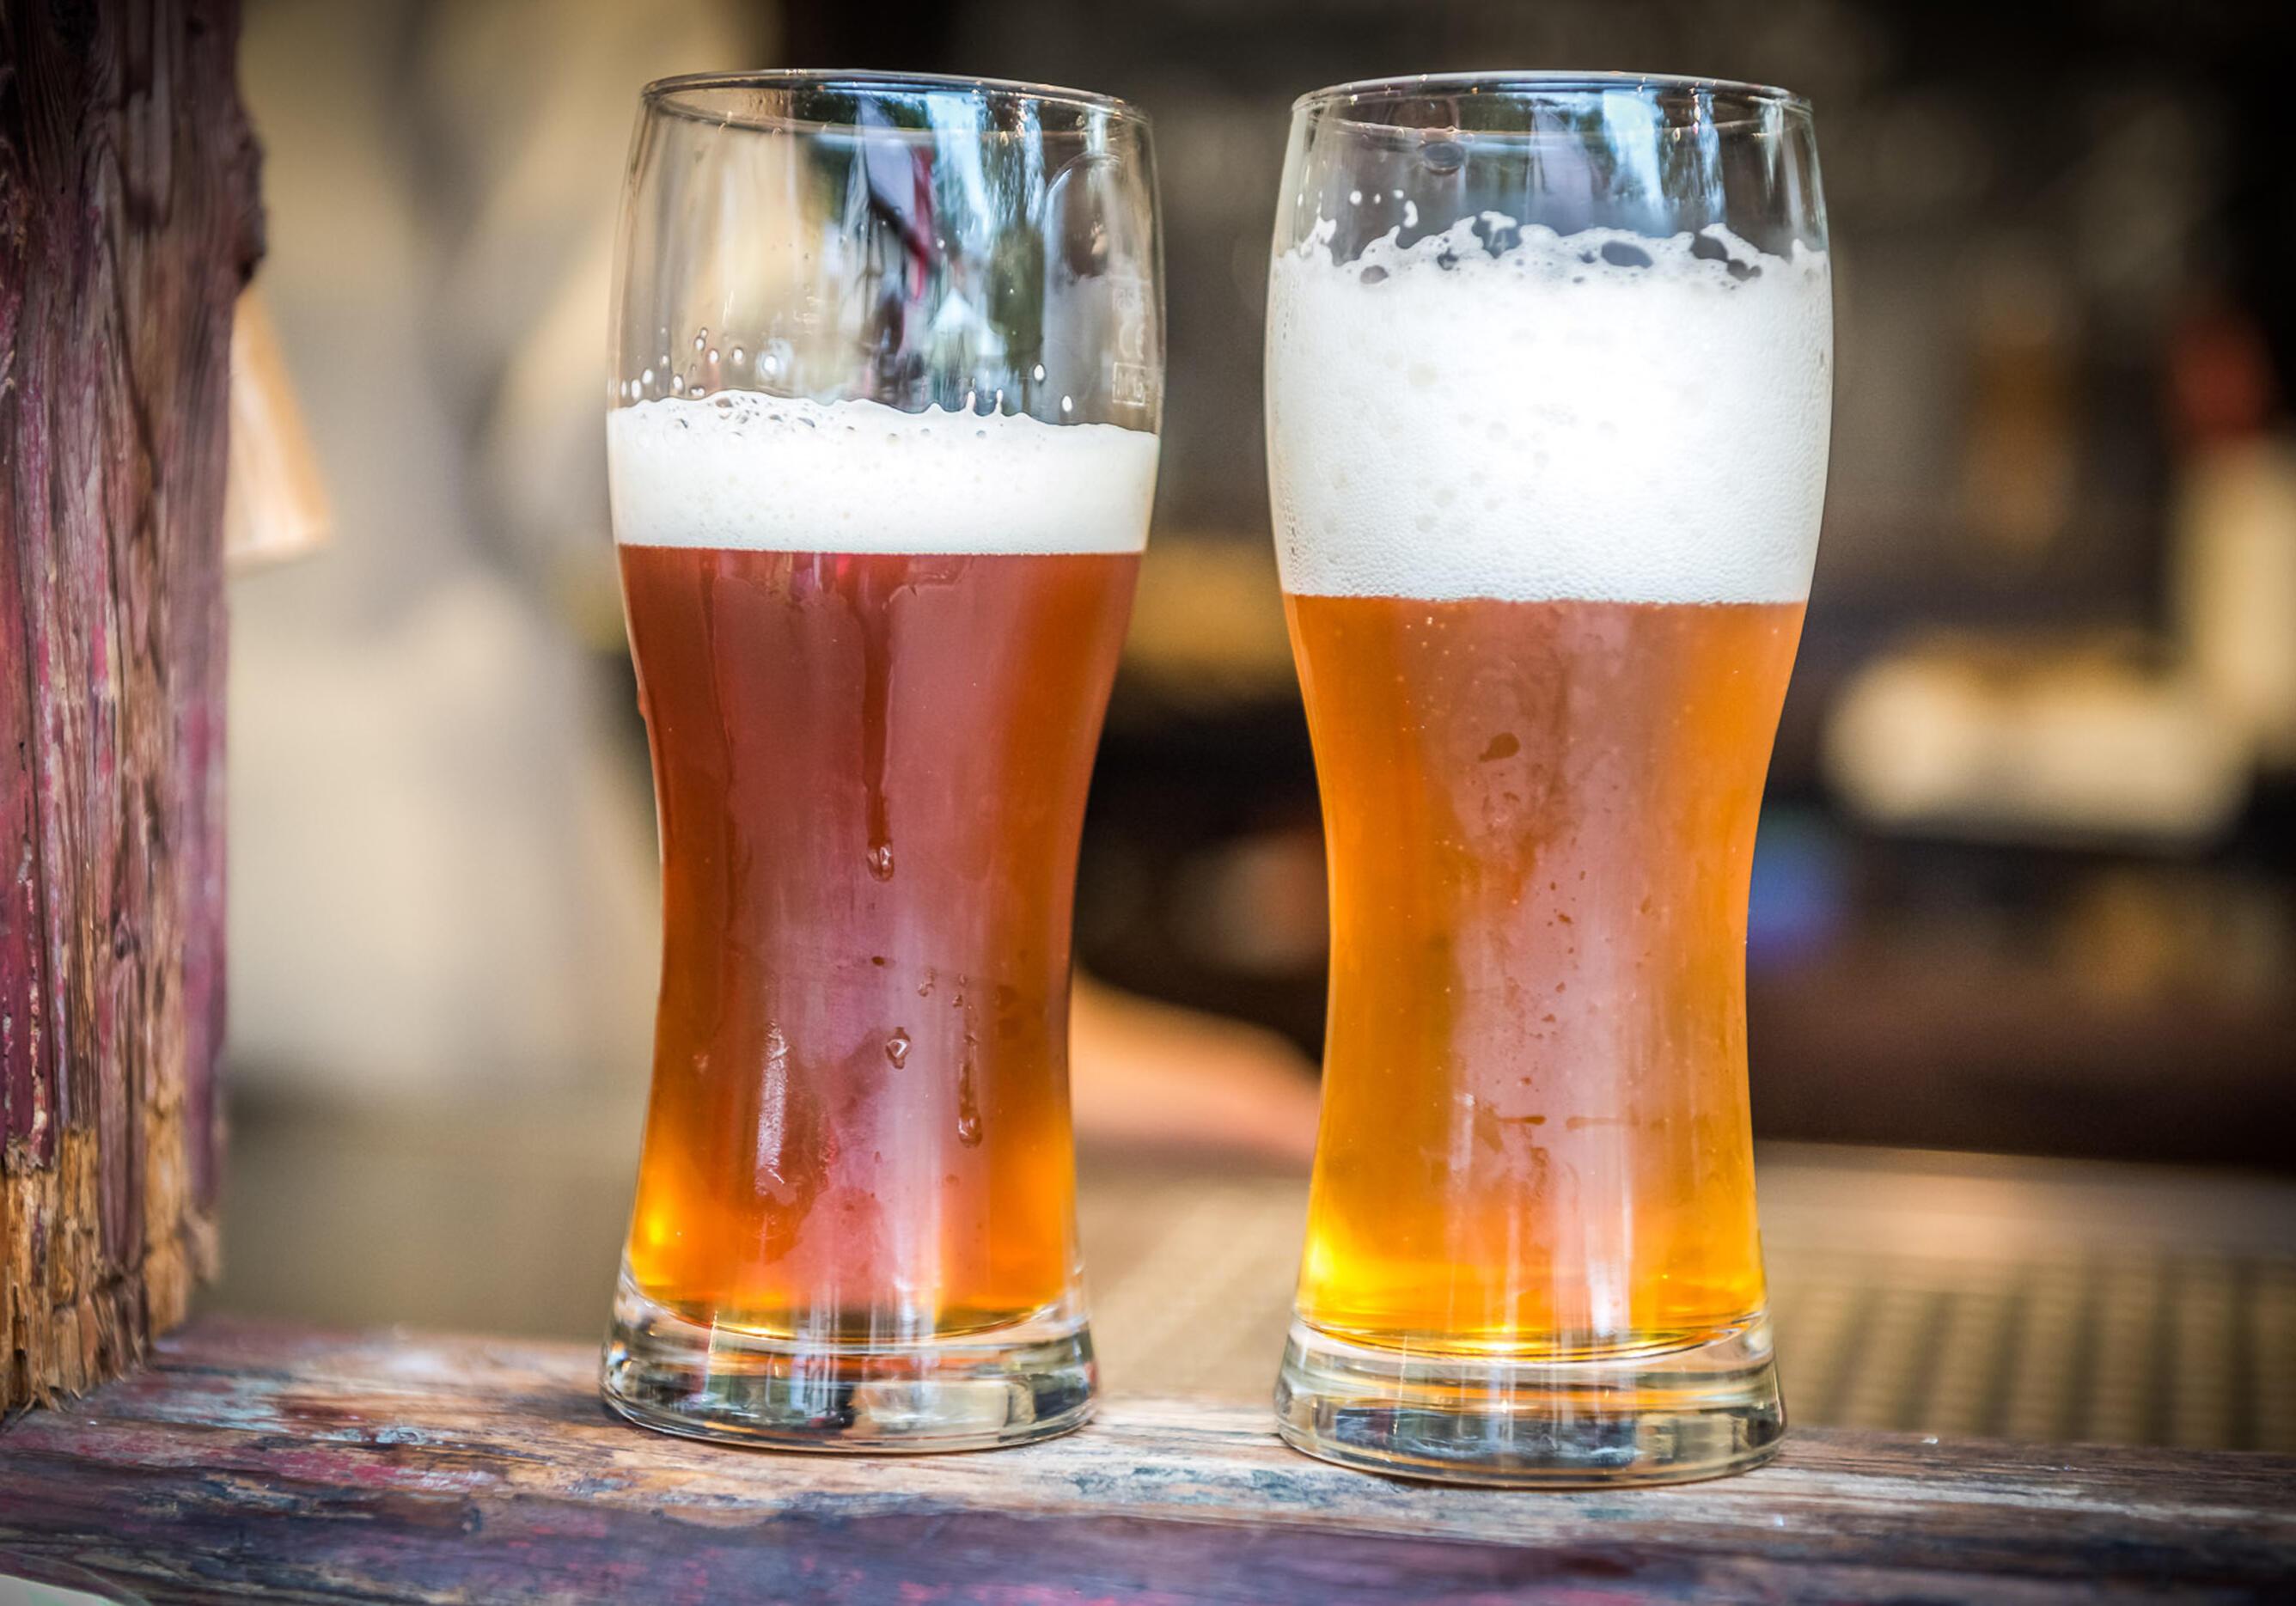 Ein kühles Bier aus der Biobrauerei